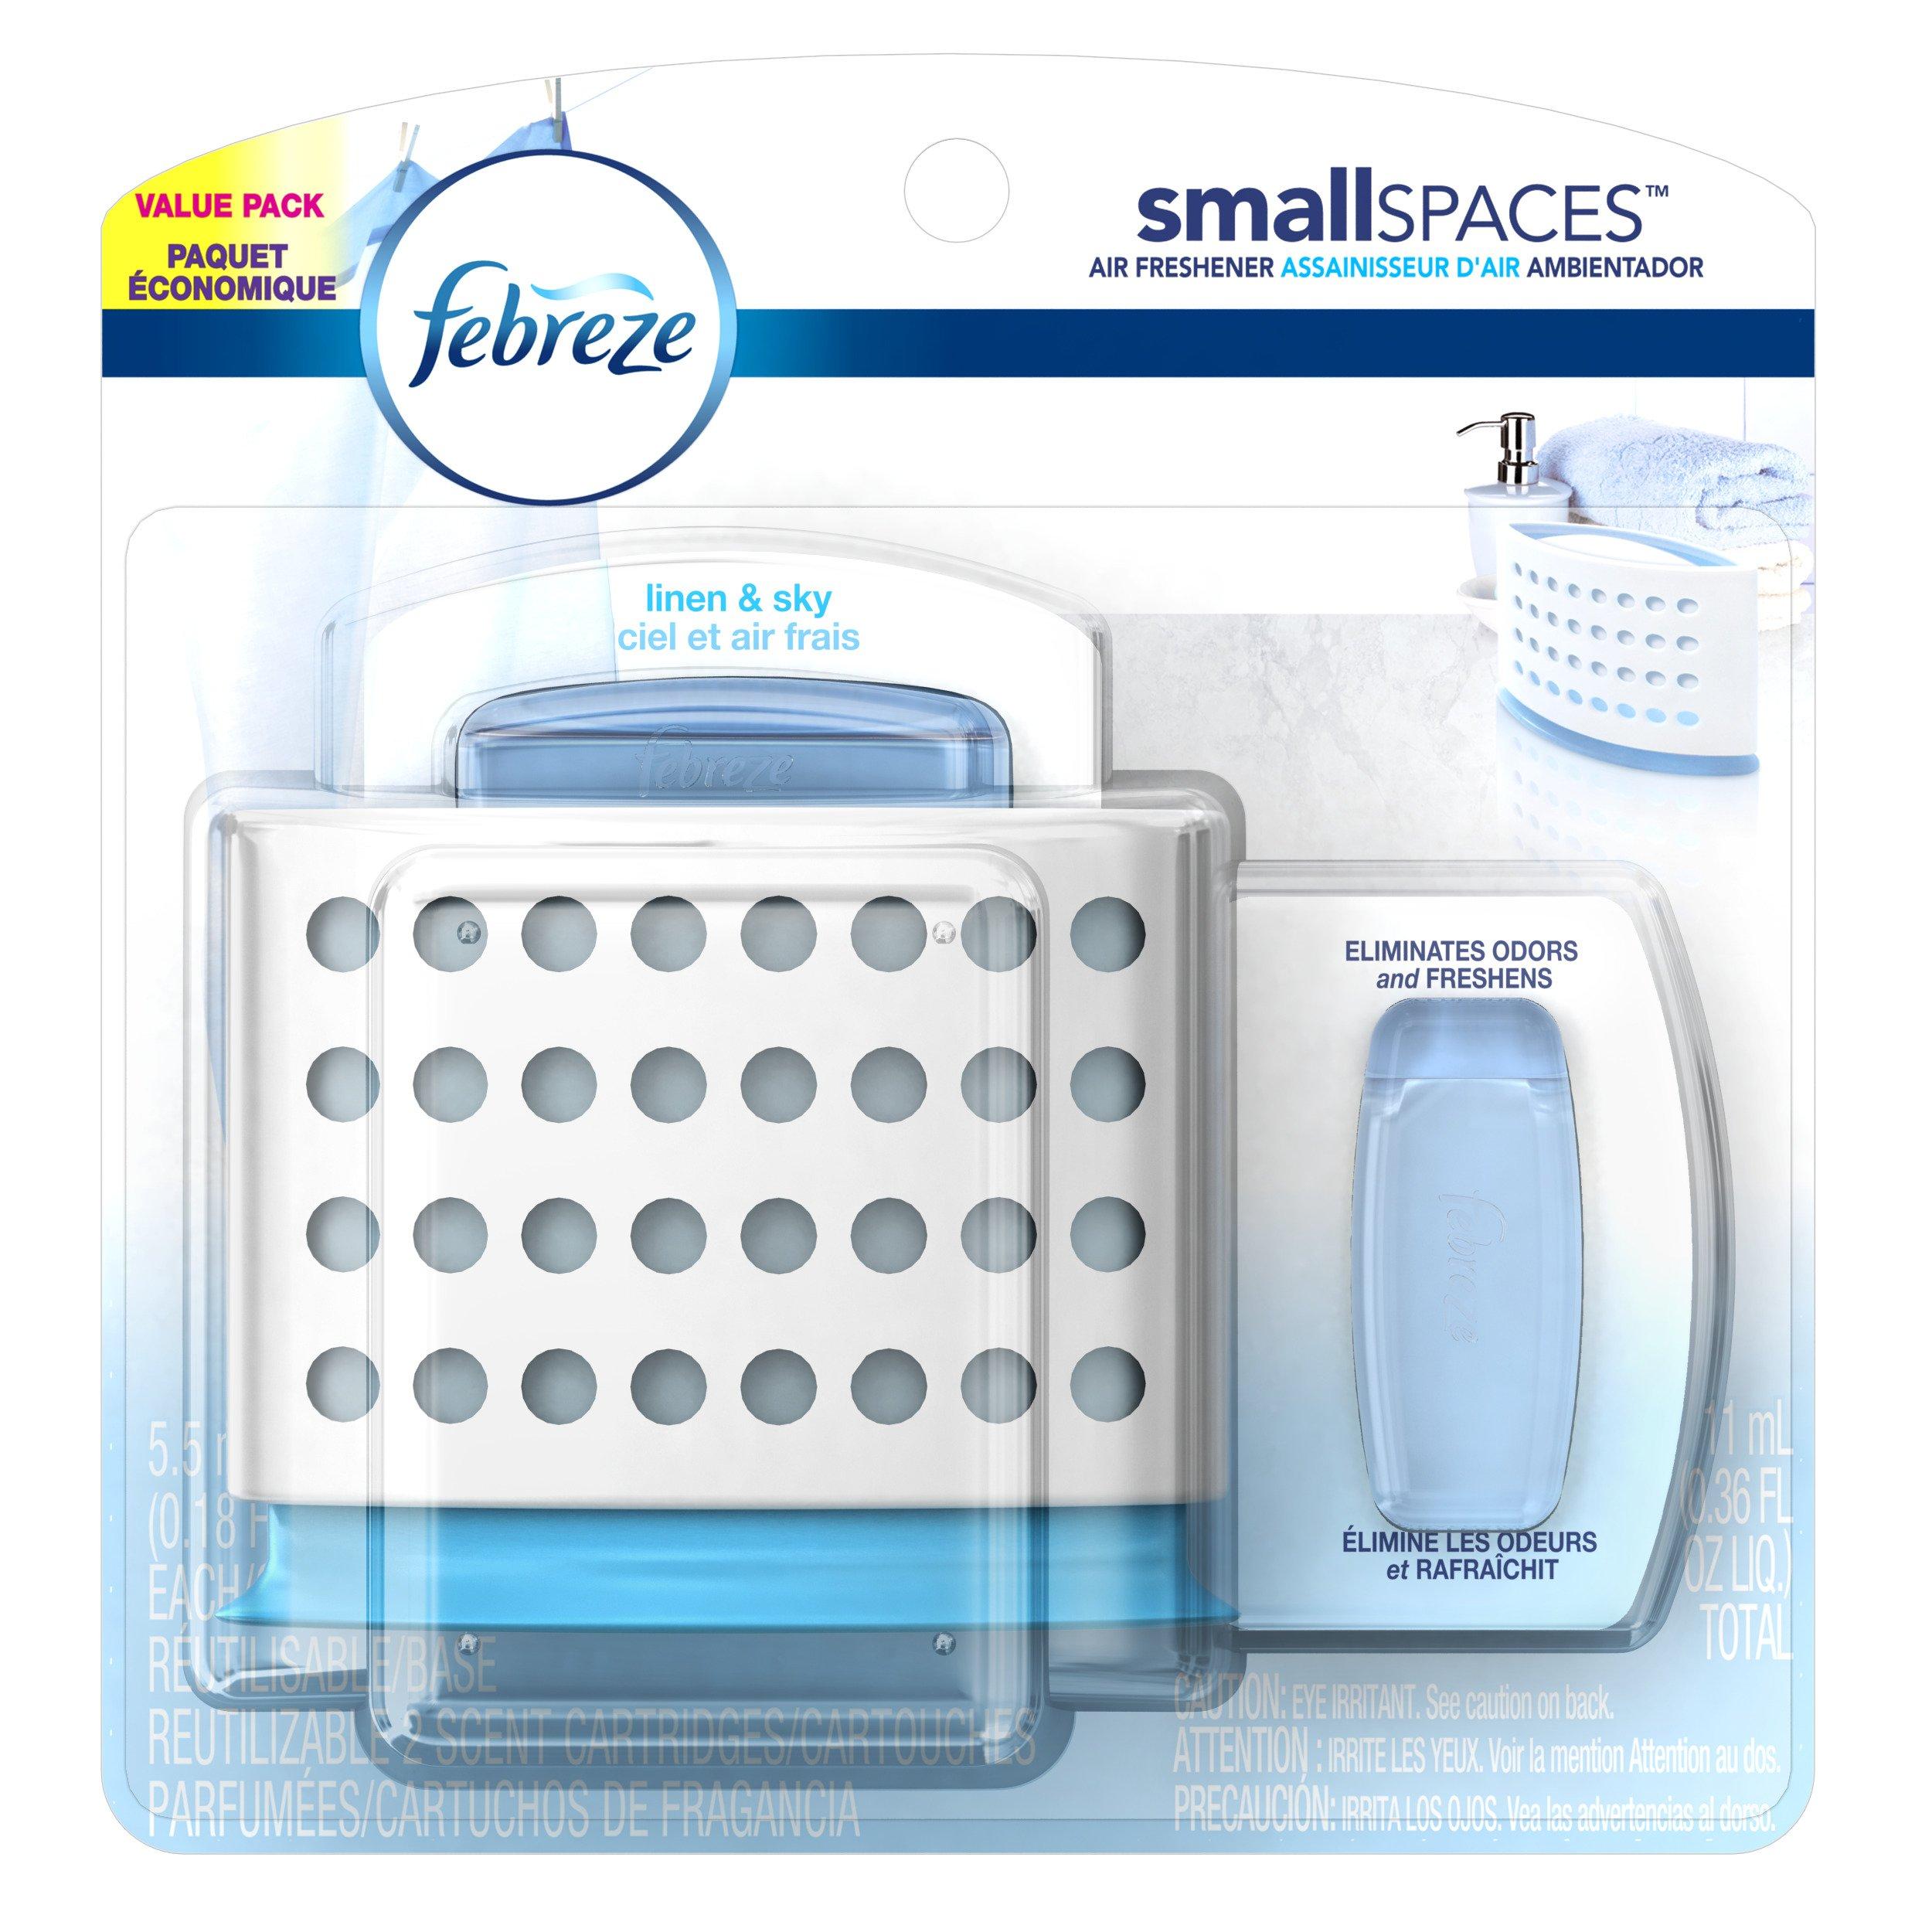 Febreze  Air Freshener, Small Spaces Air Freshener,  Starter Kit and Refills Value Pack, Linen/Sky Air Freshener, 0.36 Fluid Oz